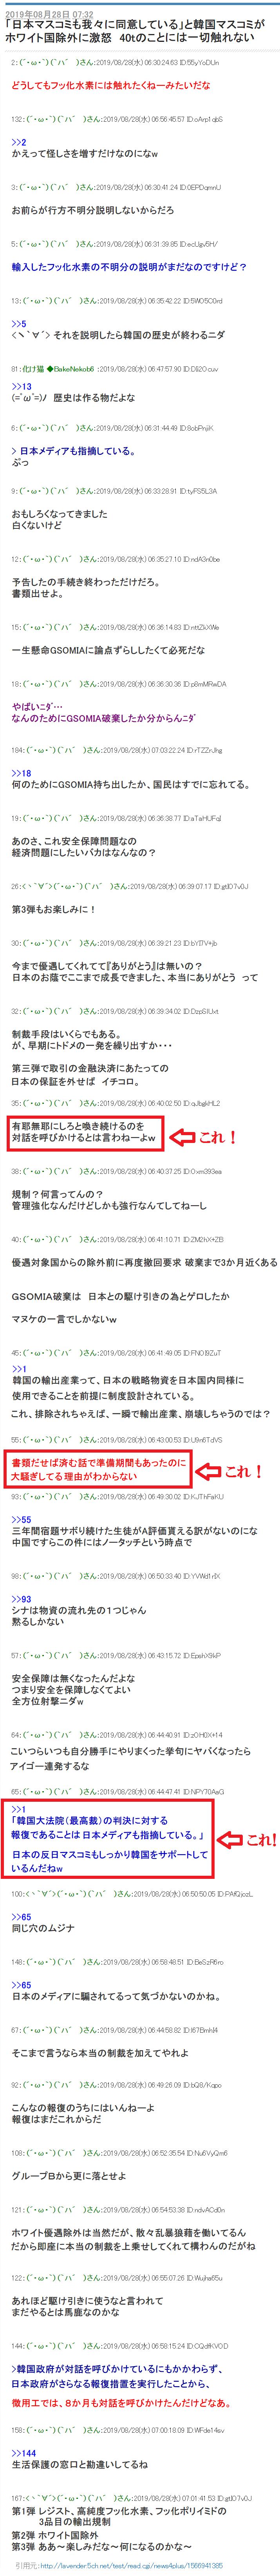 チョン国マスゴミ「日本のマスゴミはナカ~マ」2